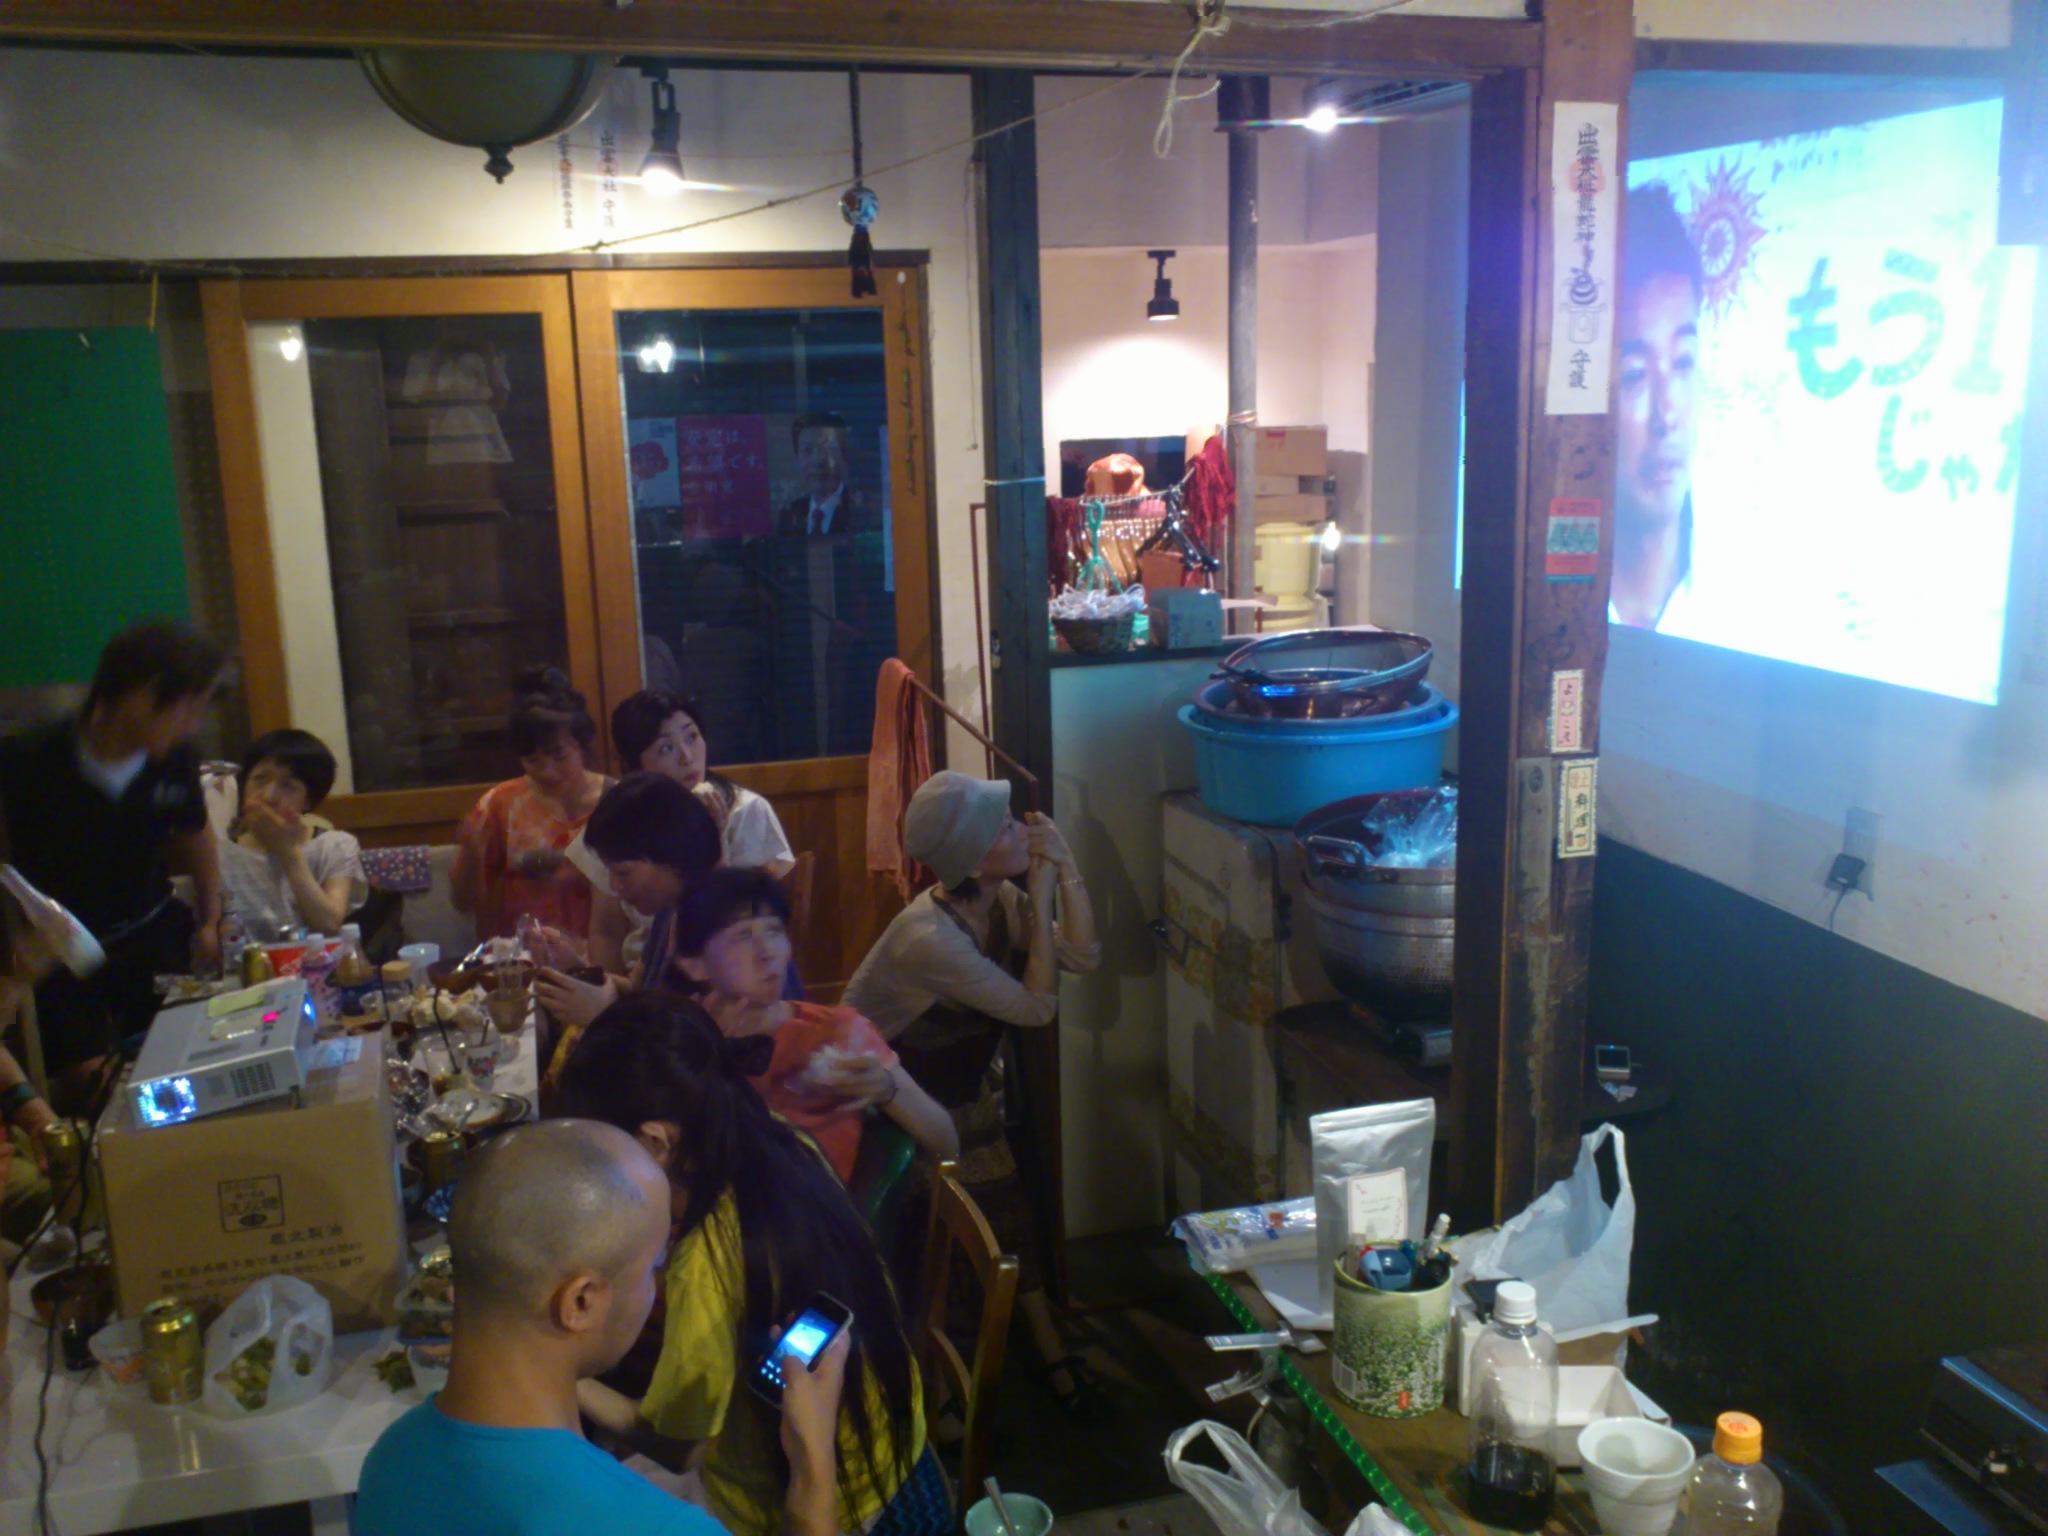 @冨貴工房。皆で集まって開票結果を見てます。『当選が目的ではない。ここが始まり』山本太郎さんに拍手◎